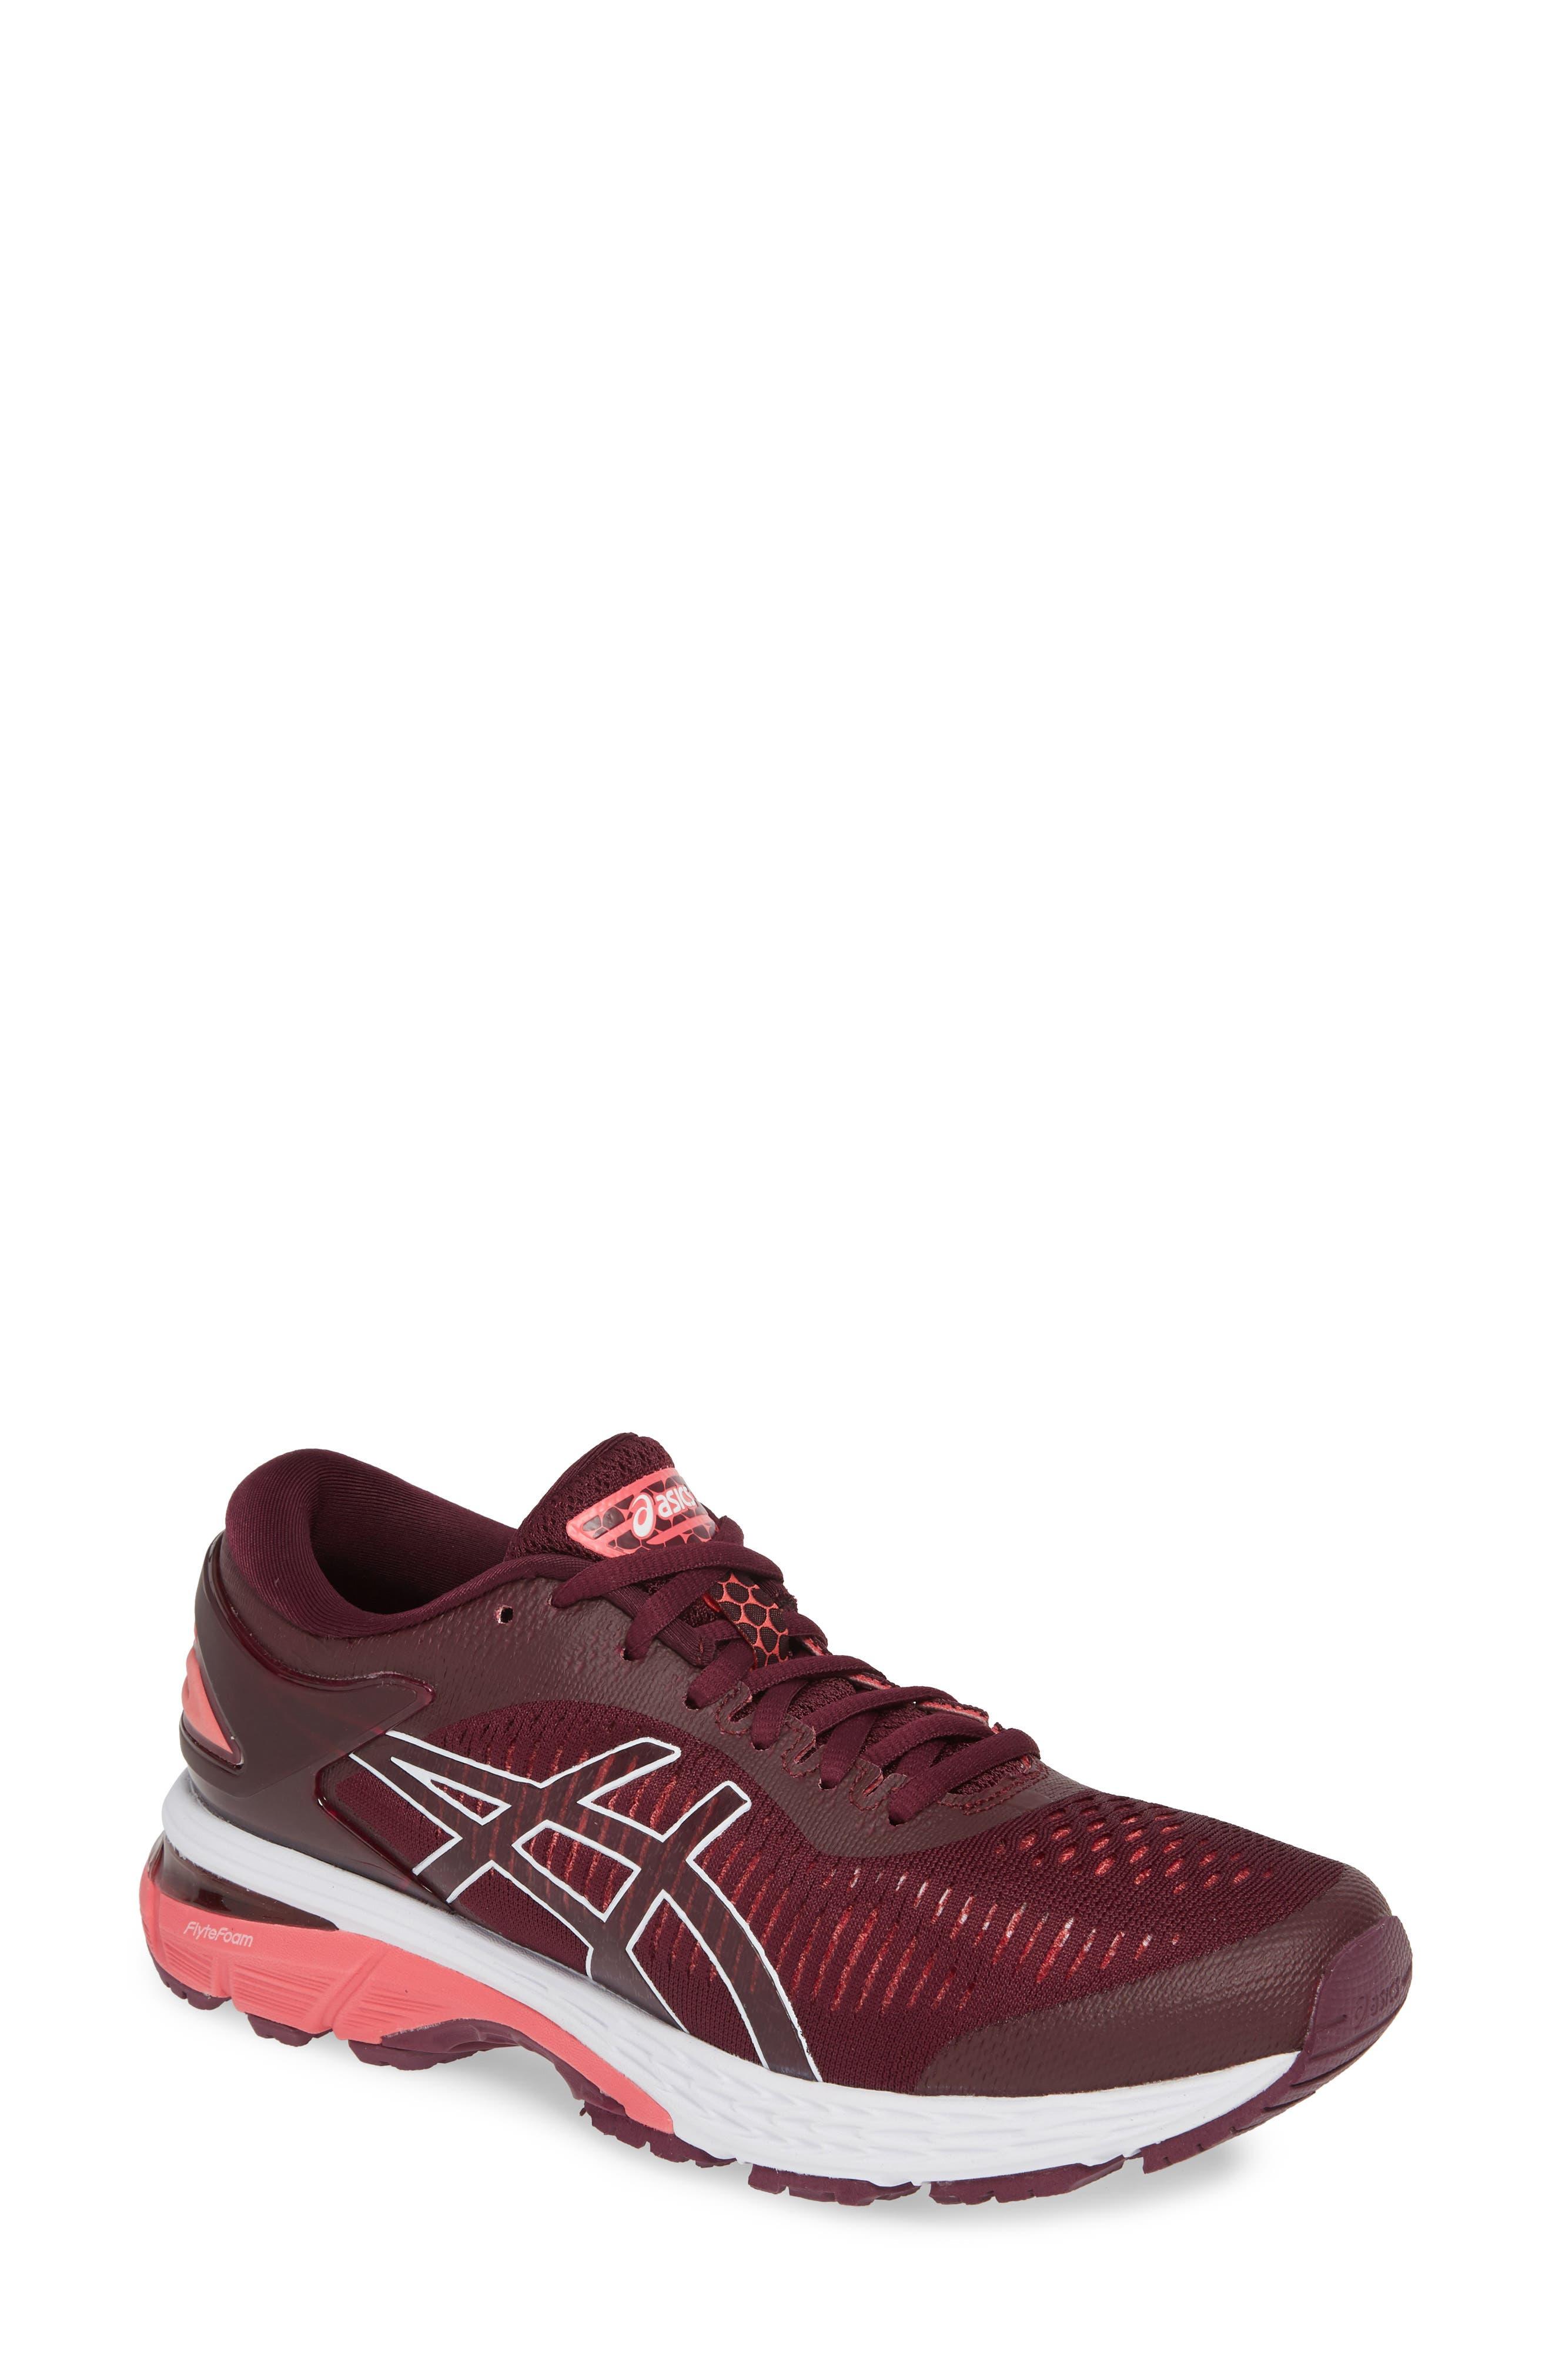 Asics Gel-Kayano 25 Running Shoe, Burgundy